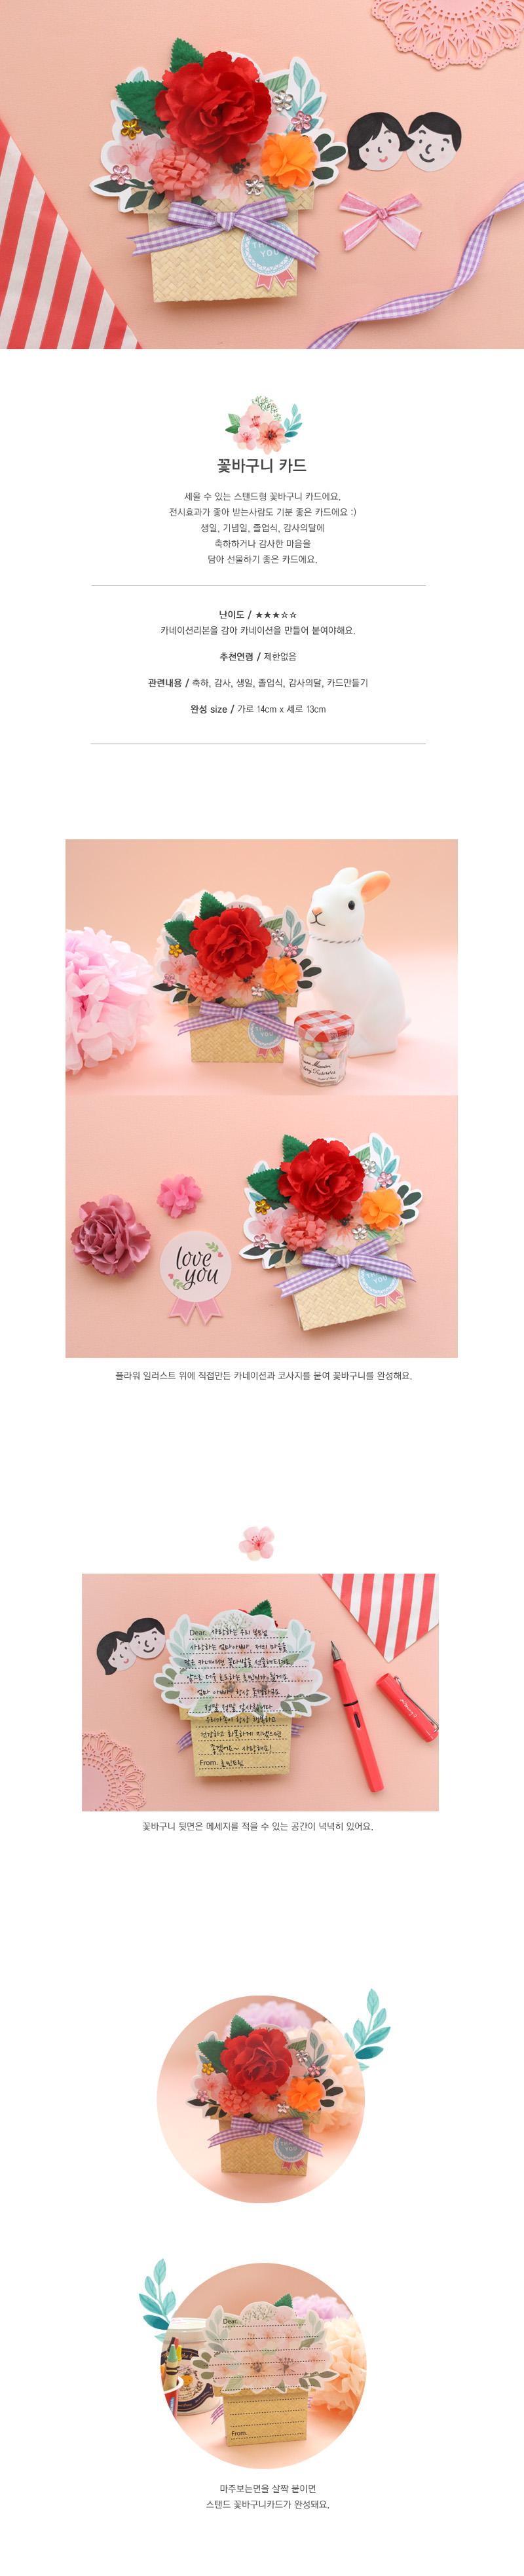 꽃바구니카드 5set - 도토리클래스, 10,000원, 카드, 감사 카드